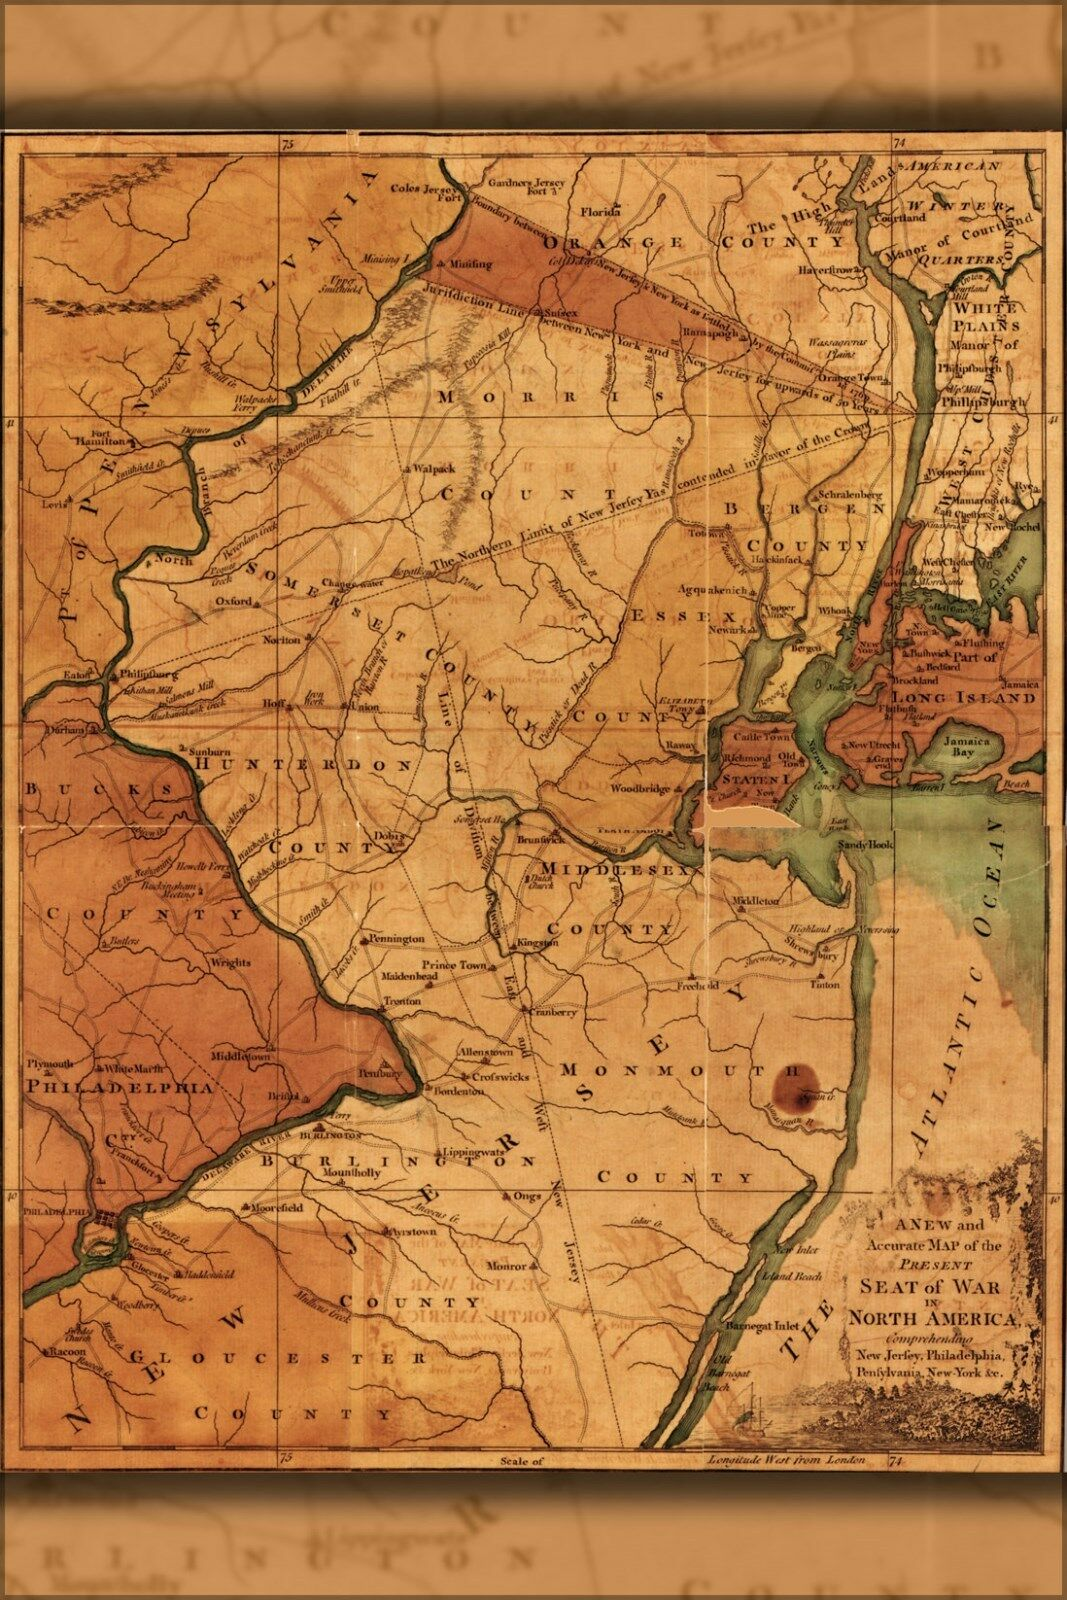 Poster, Poster, Poster, Molte Misure; Mappa Del Nuovo Maglia Pennsylania New York 1777 P2 f4adcd